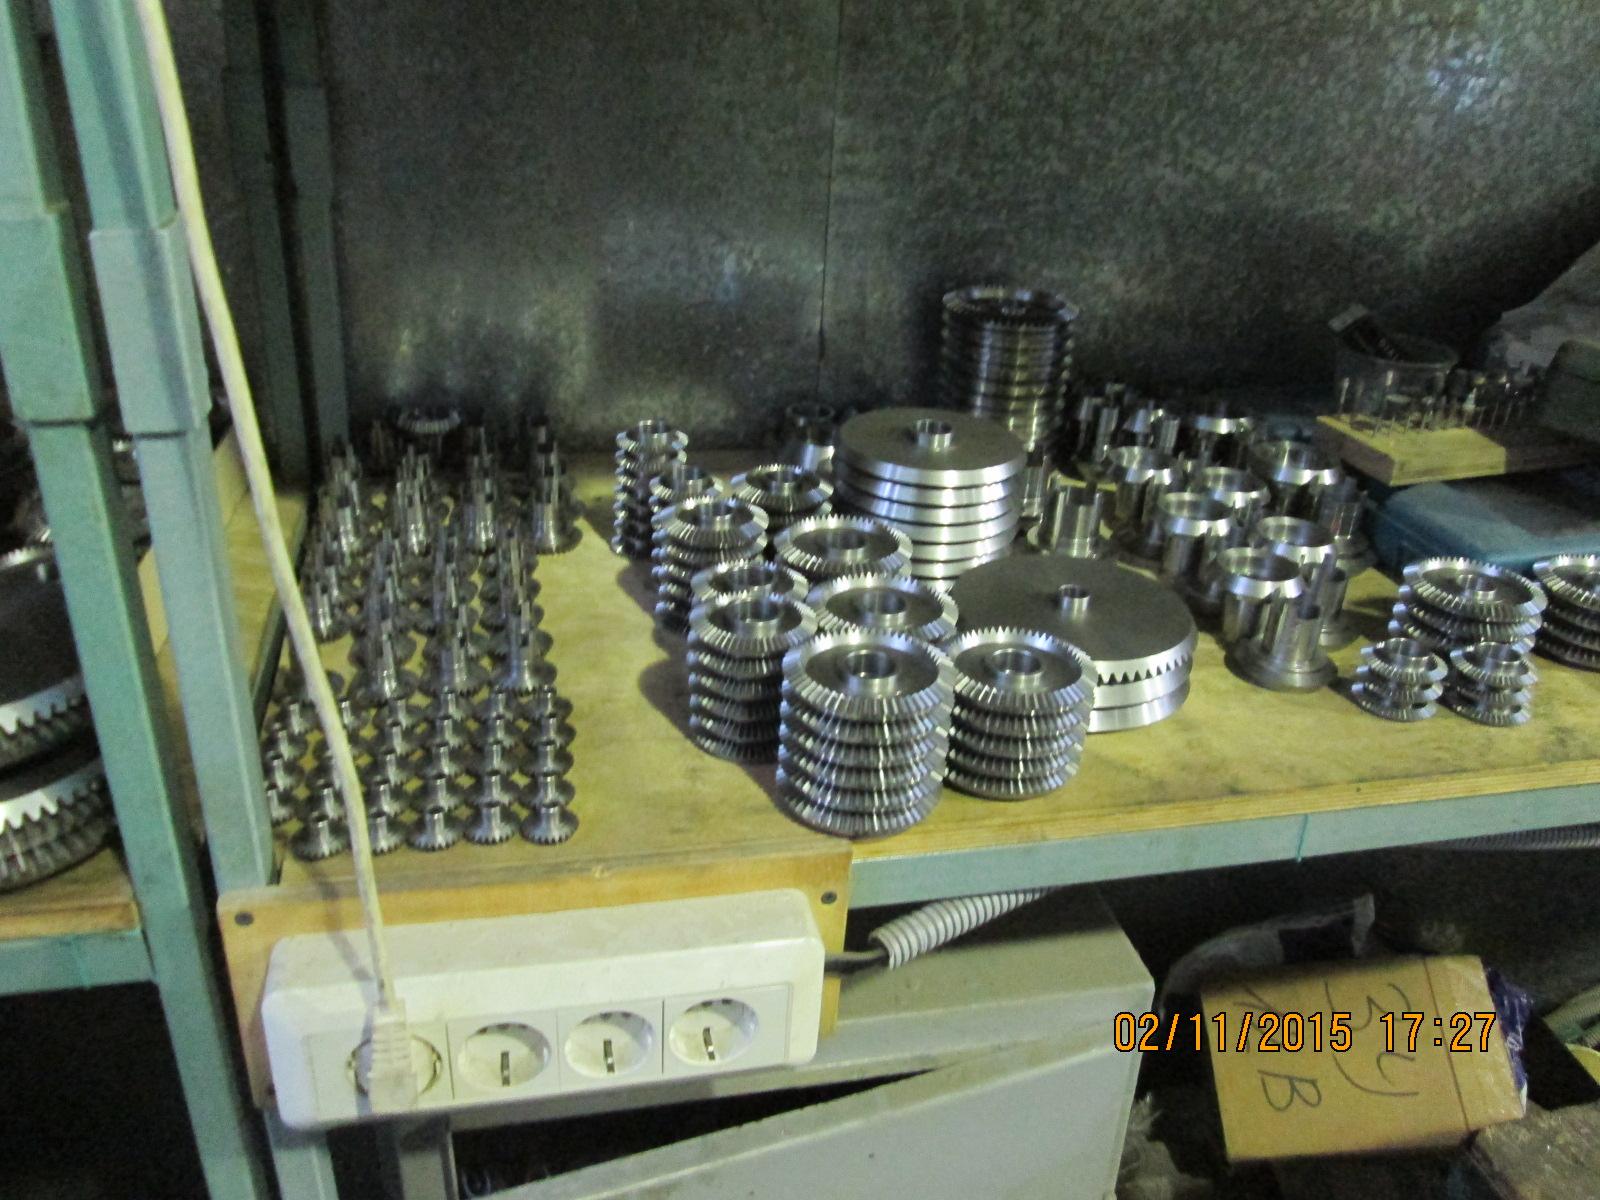 Шестерни, купить шестерни, изготовить шестерни, изготовители шестерней, производители шестерней, шестерни конические, шестерни конические прямозубые, цена шестерни, шестерни прямозубые, шестерни маленький модуль, модуль шестерни,